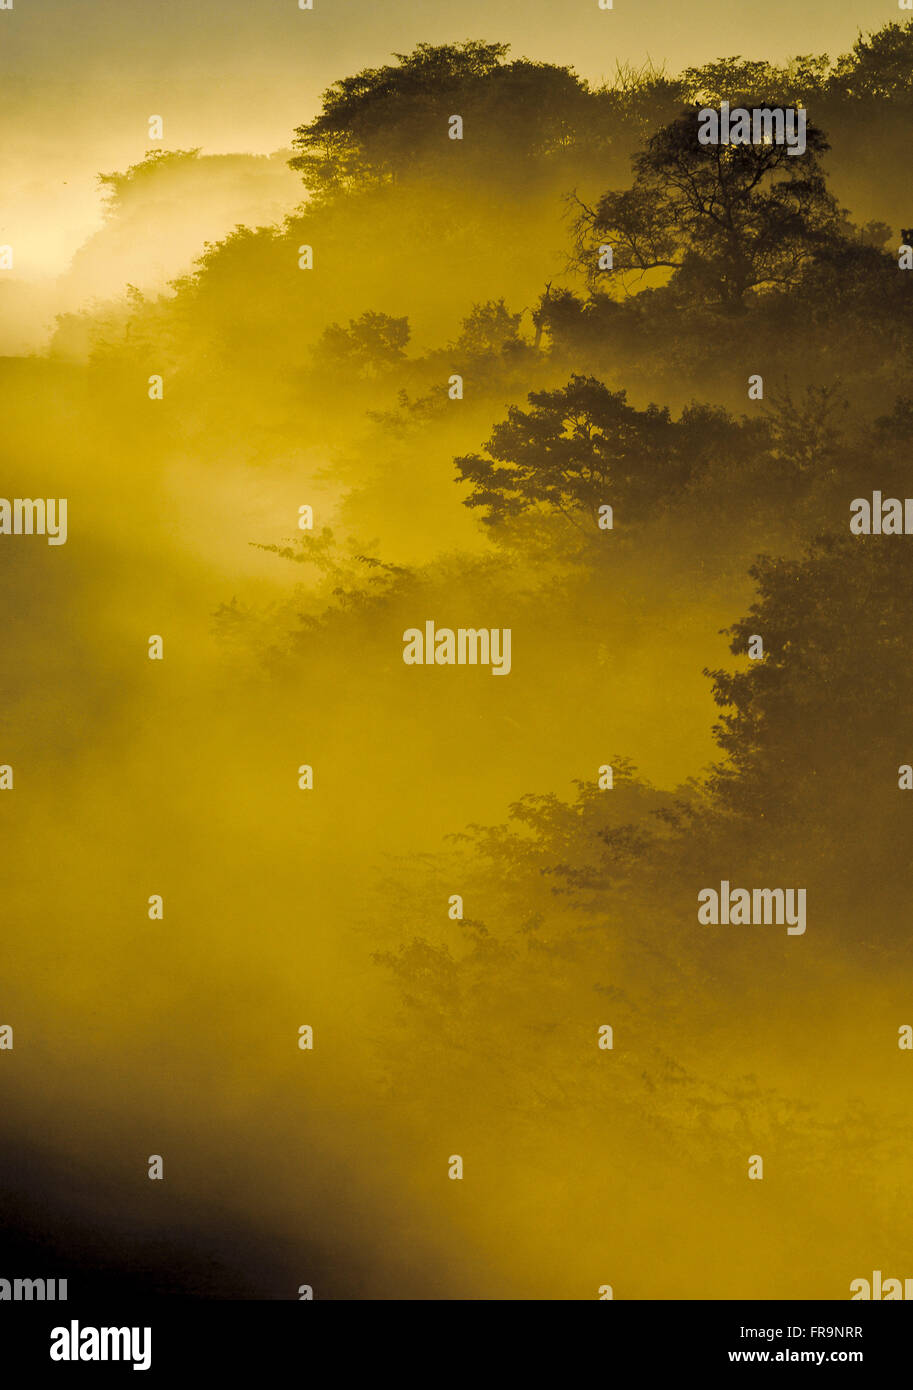 Nebel aus Staub auf der Straße in der Abenddämmerung Stockbild